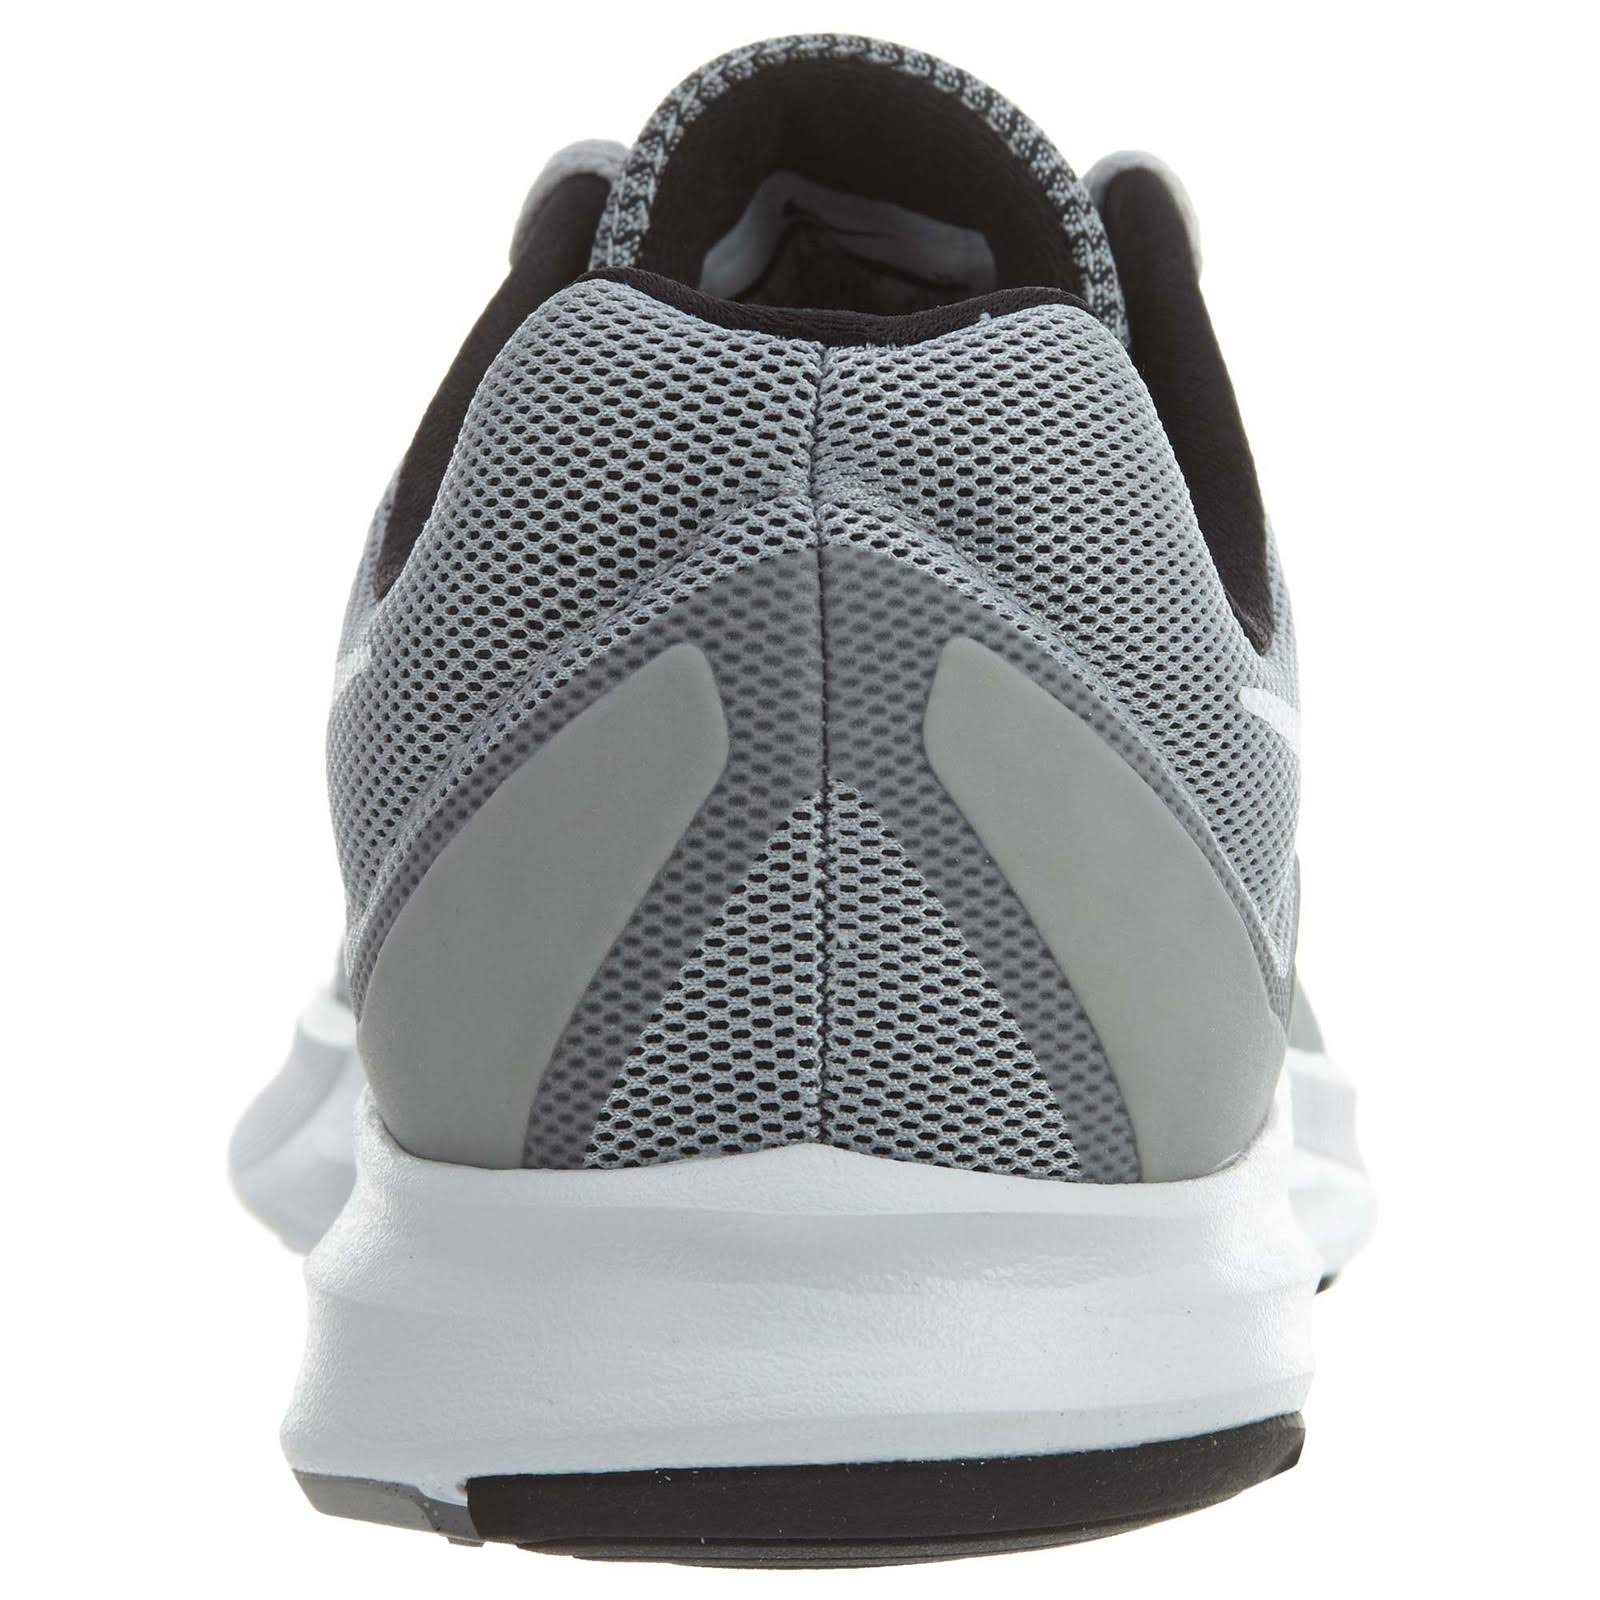 herengrijsmaat herenschoenen Nike voor 9 7 Downshifter 5 zMVpSU